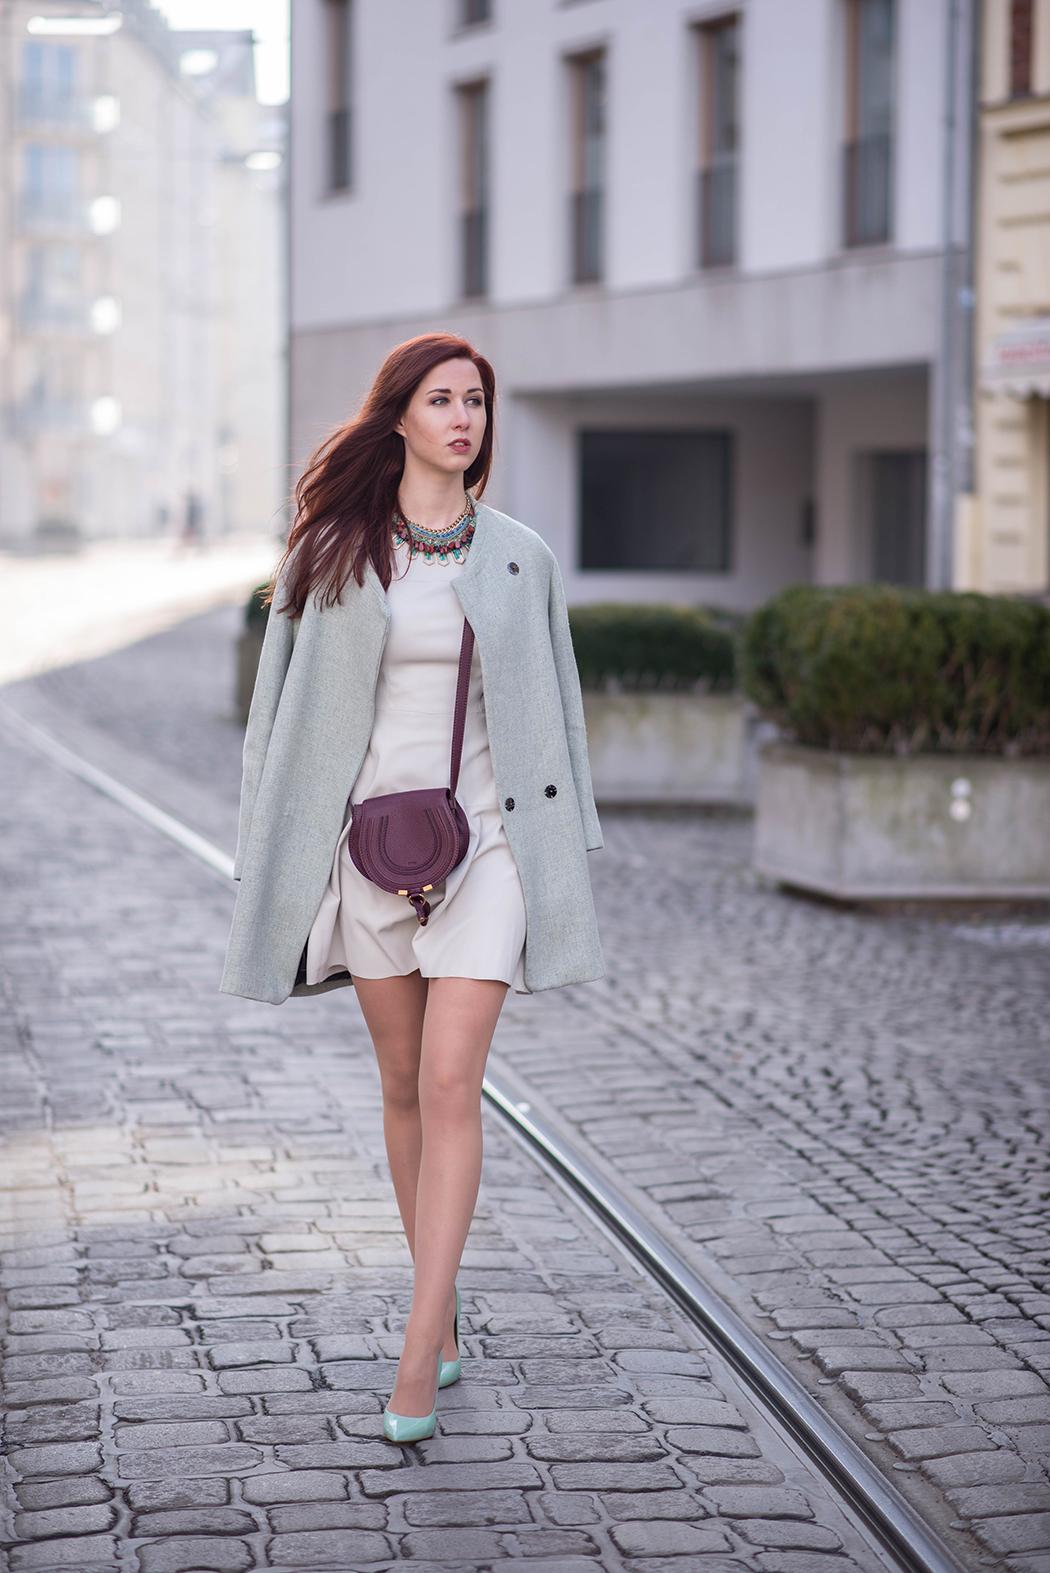 Lederkleid-beige-Zara-mint-Heels-Chloe-Marcie-weinrot-Fashionblogger-München-Fashionblog-Deutschland-Lindarella-2-web